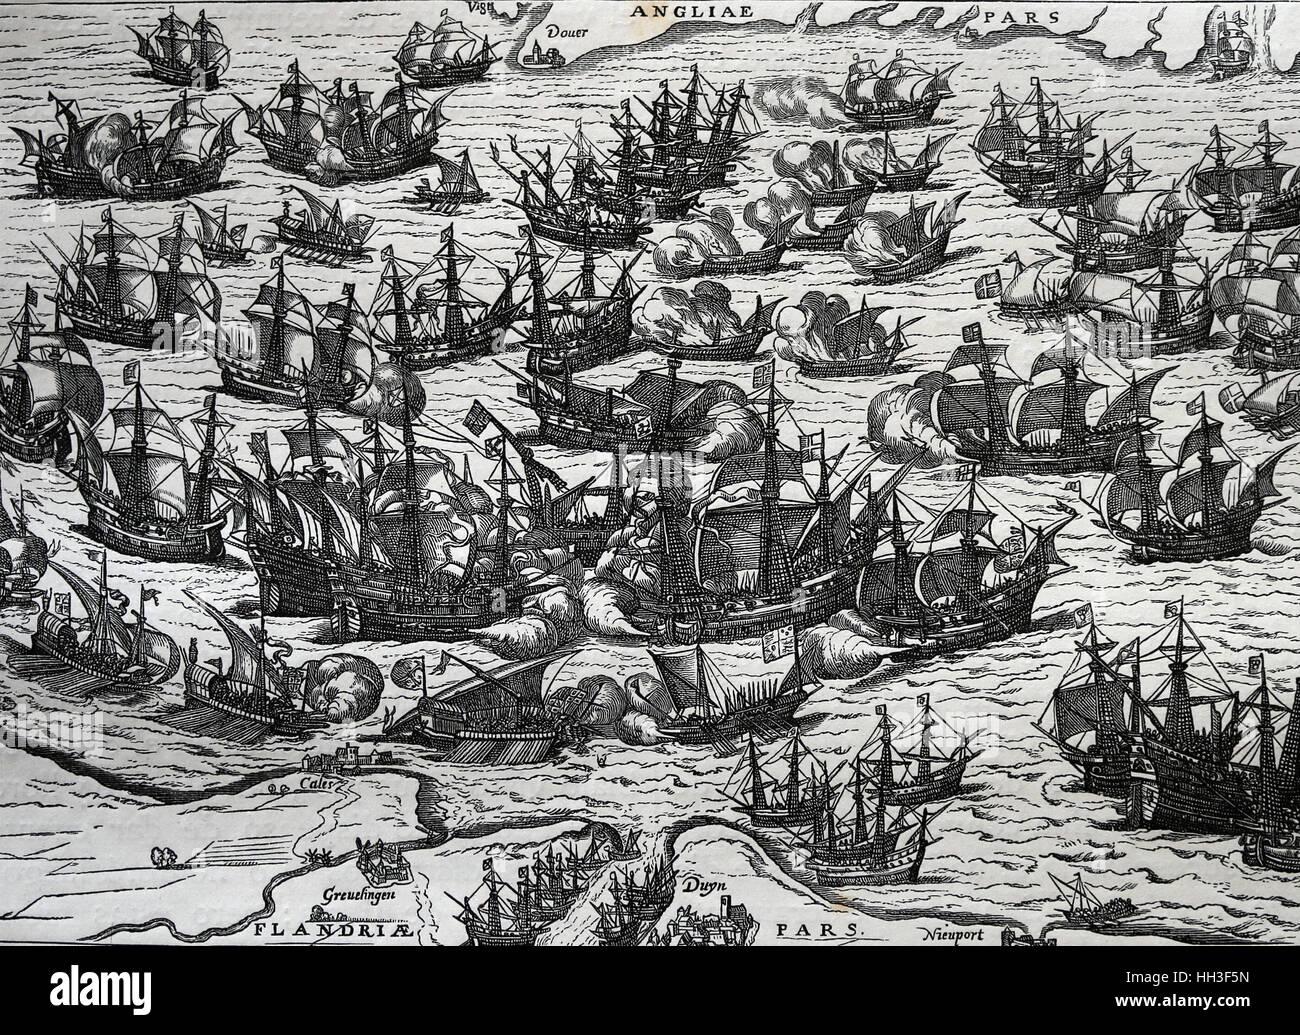 Armada spagnola. La flotta spagnola di 130 navi con lo scopo di invaso in Inghilterra. Incisione di copia di un Immagini Stock